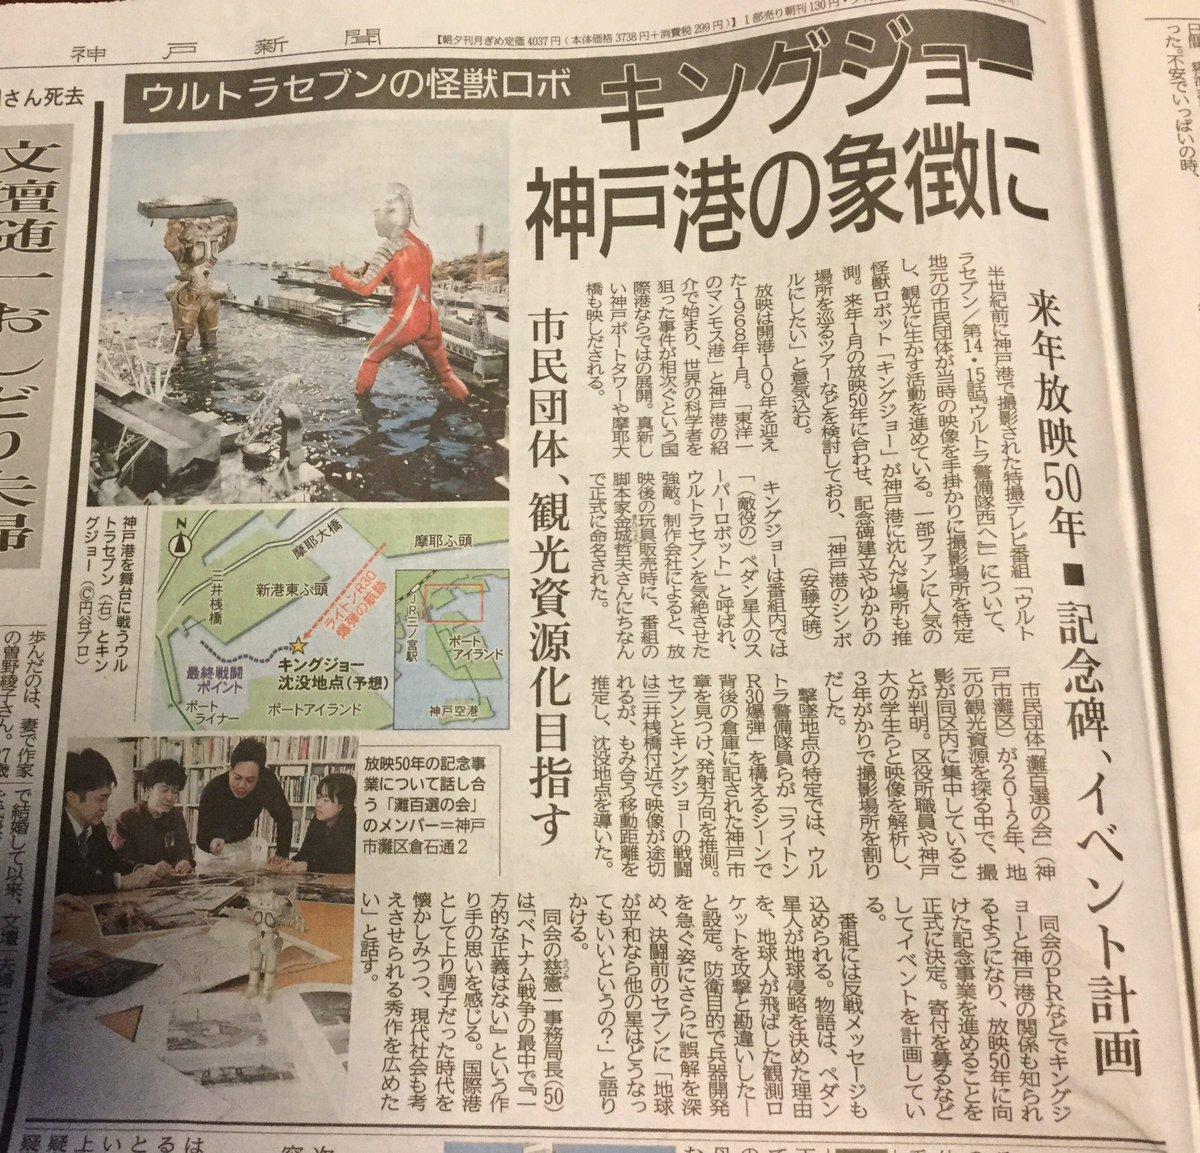 賛成〜⭐️ RT @natsukamotoya: 神戸新聞朝刊にキングジョーの記事が。神戸港にキングジョーの像を設置しようよ。お台場のガンダムみたいな巨大なやつ。 https://t.co/2ZvwvwZMa2